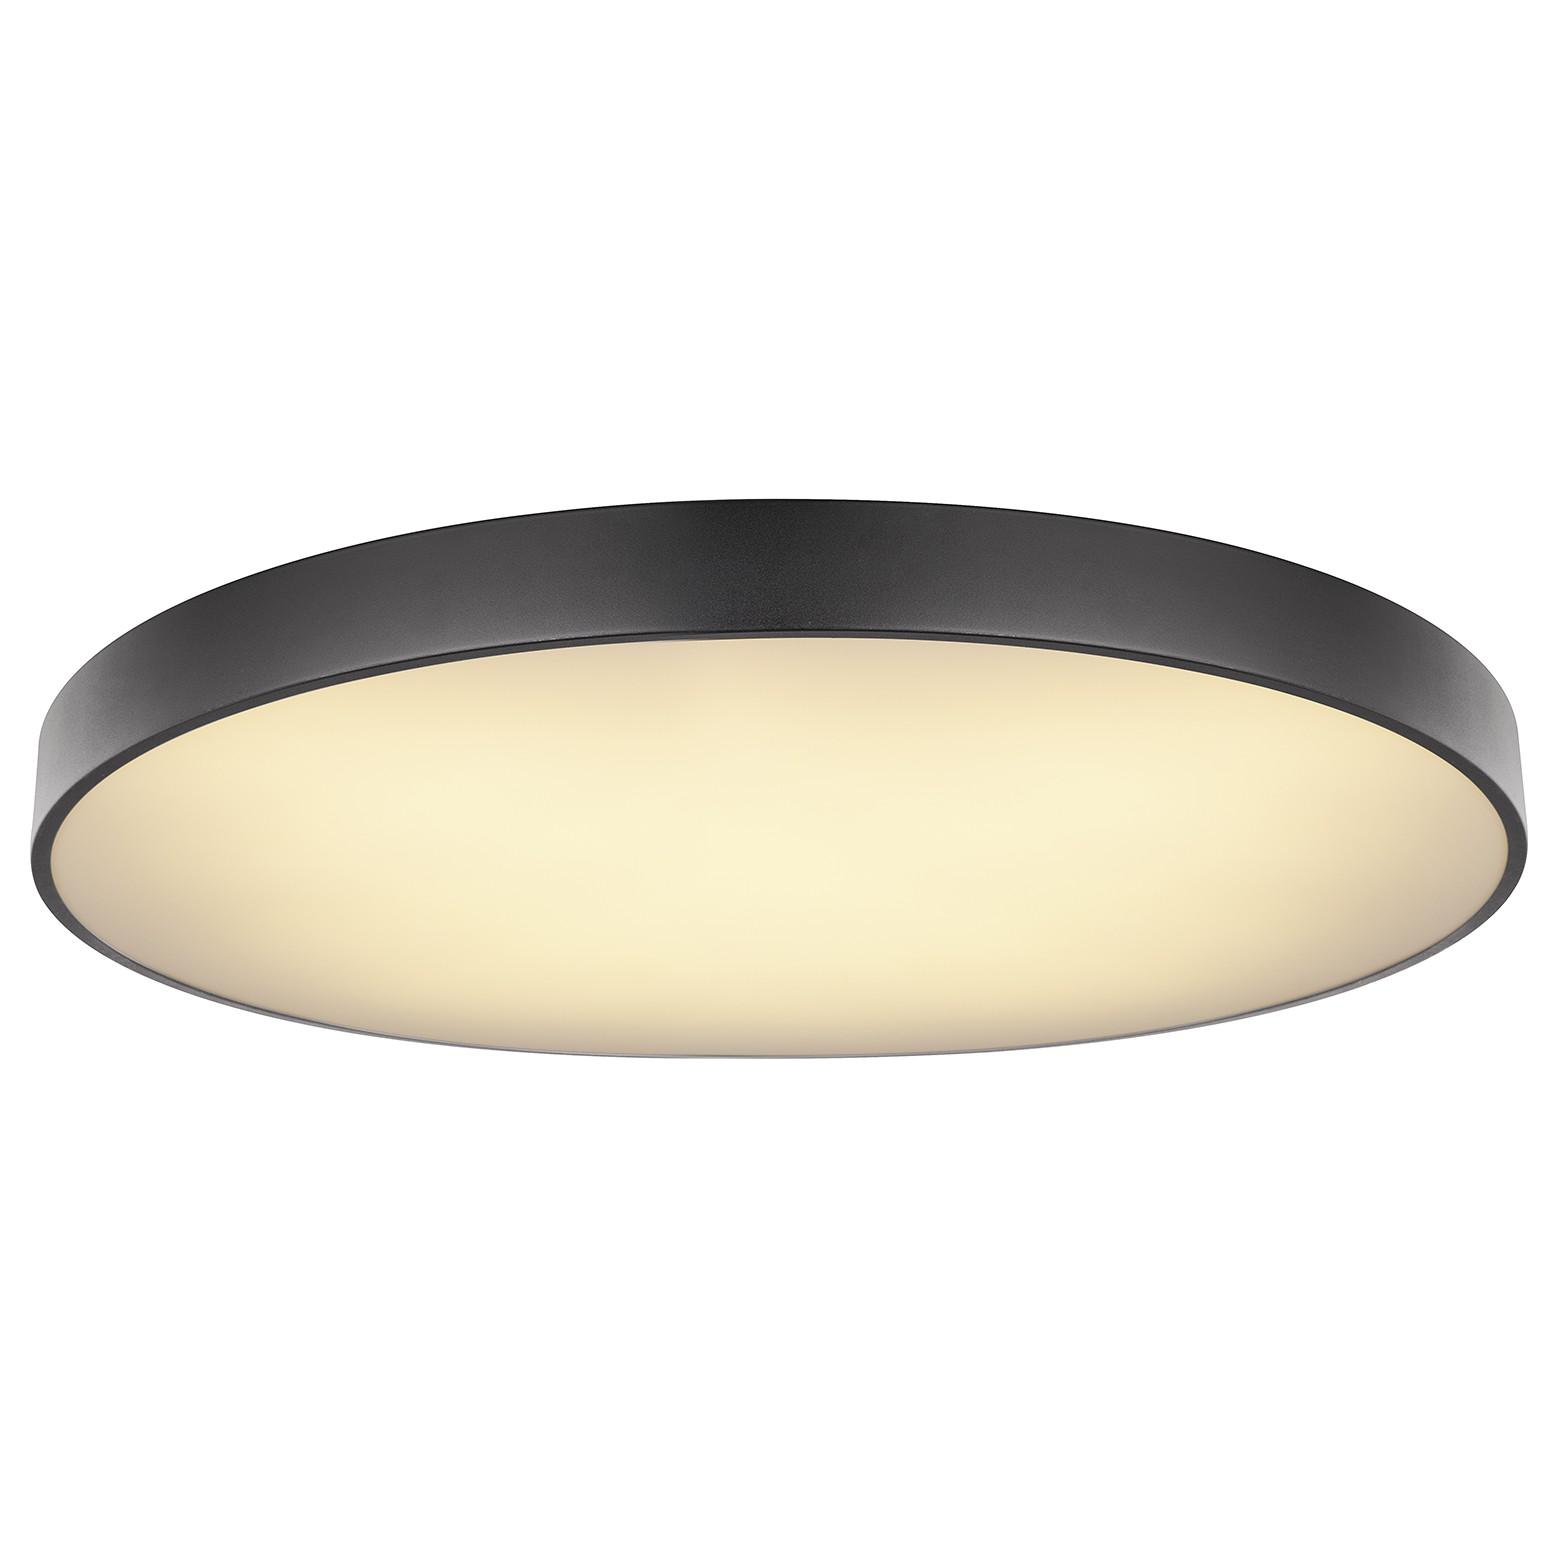 home24 LED-Deckenleuchte Wiss VI